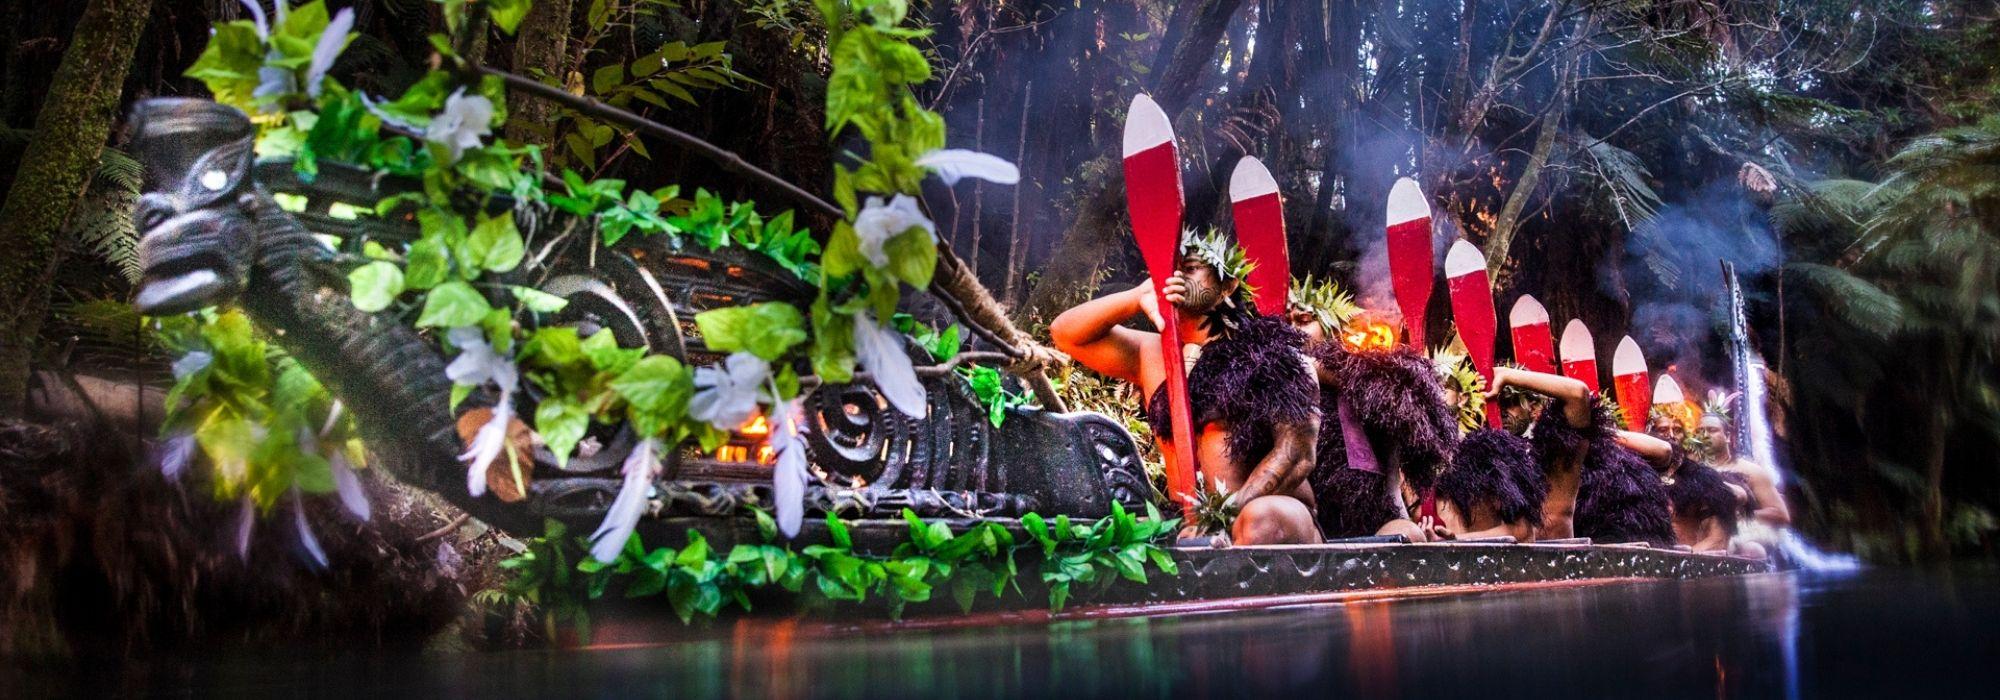 Nau mai, haere mai! Welcome to Rotorua, the heart of Māori culture